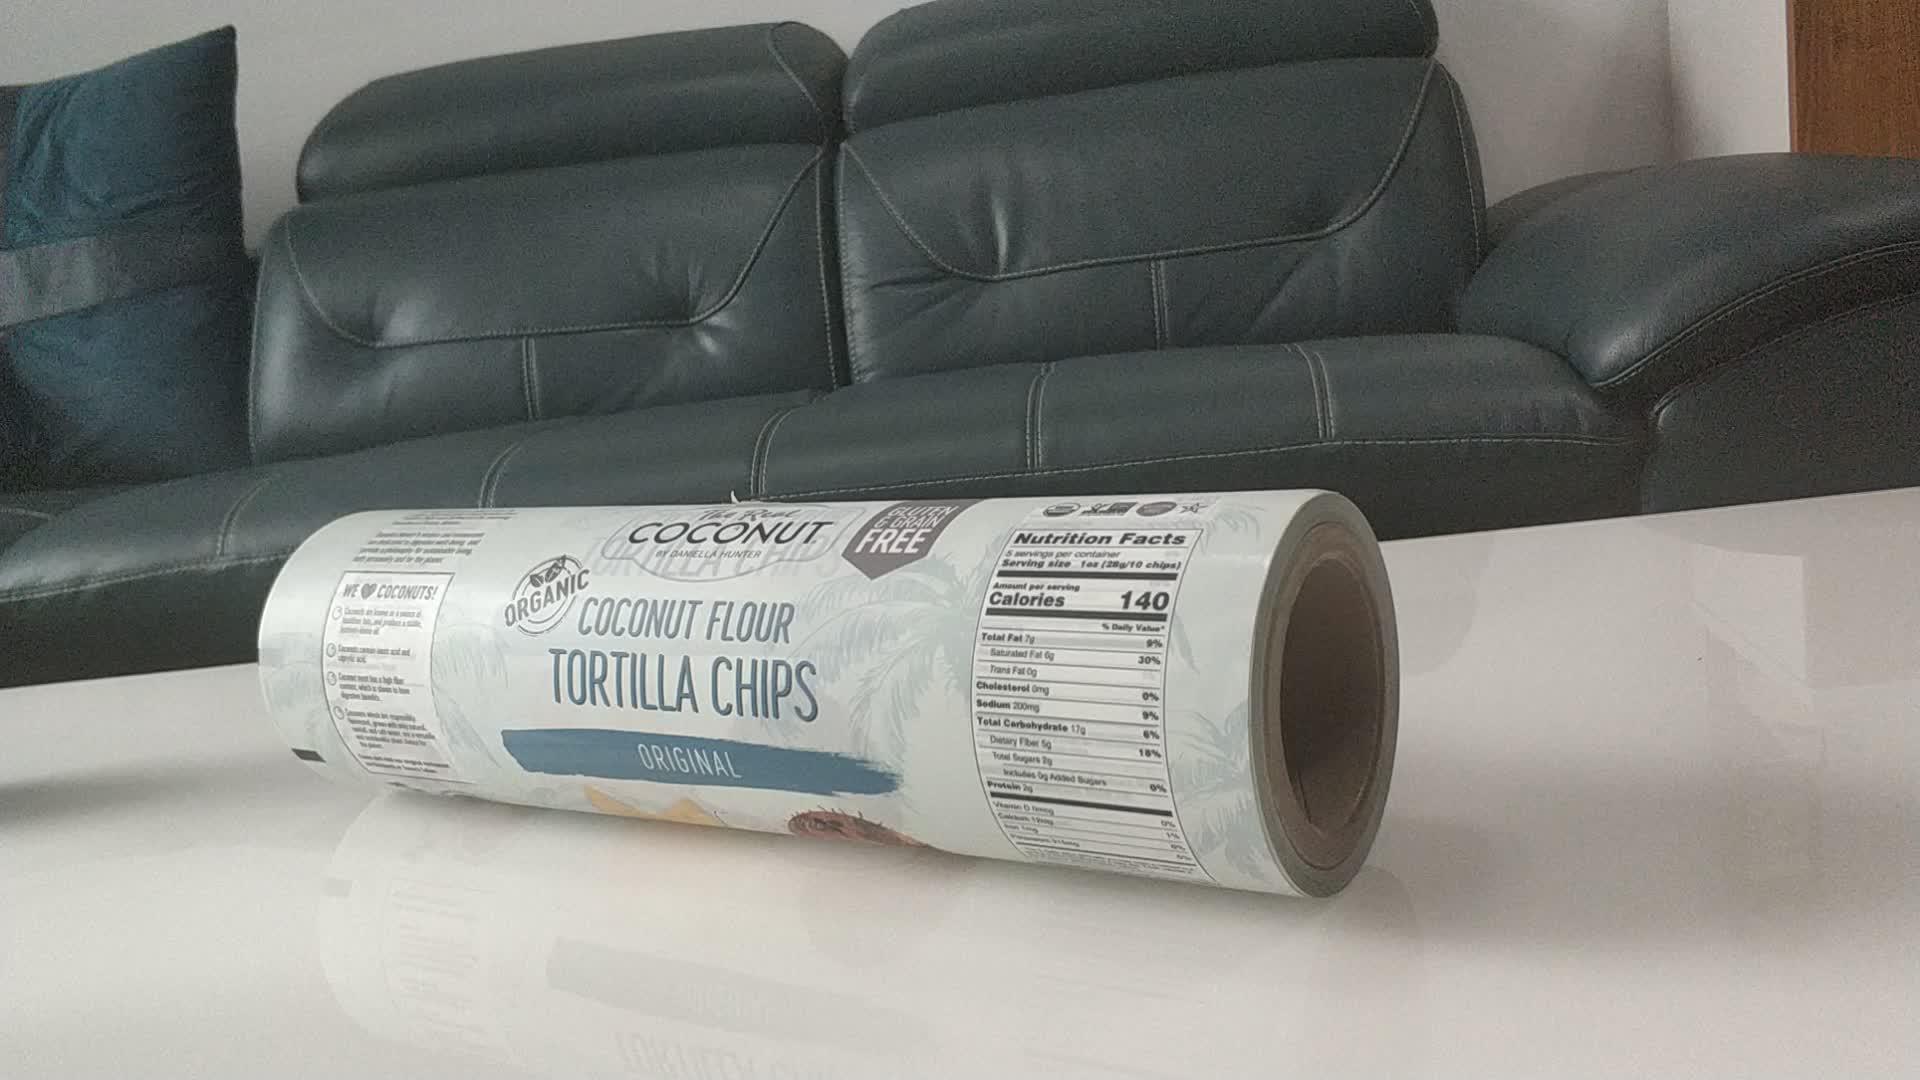 Упаковка для пищевых продуктов пластиковая рулонная пленка/гибкий упаковочный материал/поставщик пластикового упаковочного материала